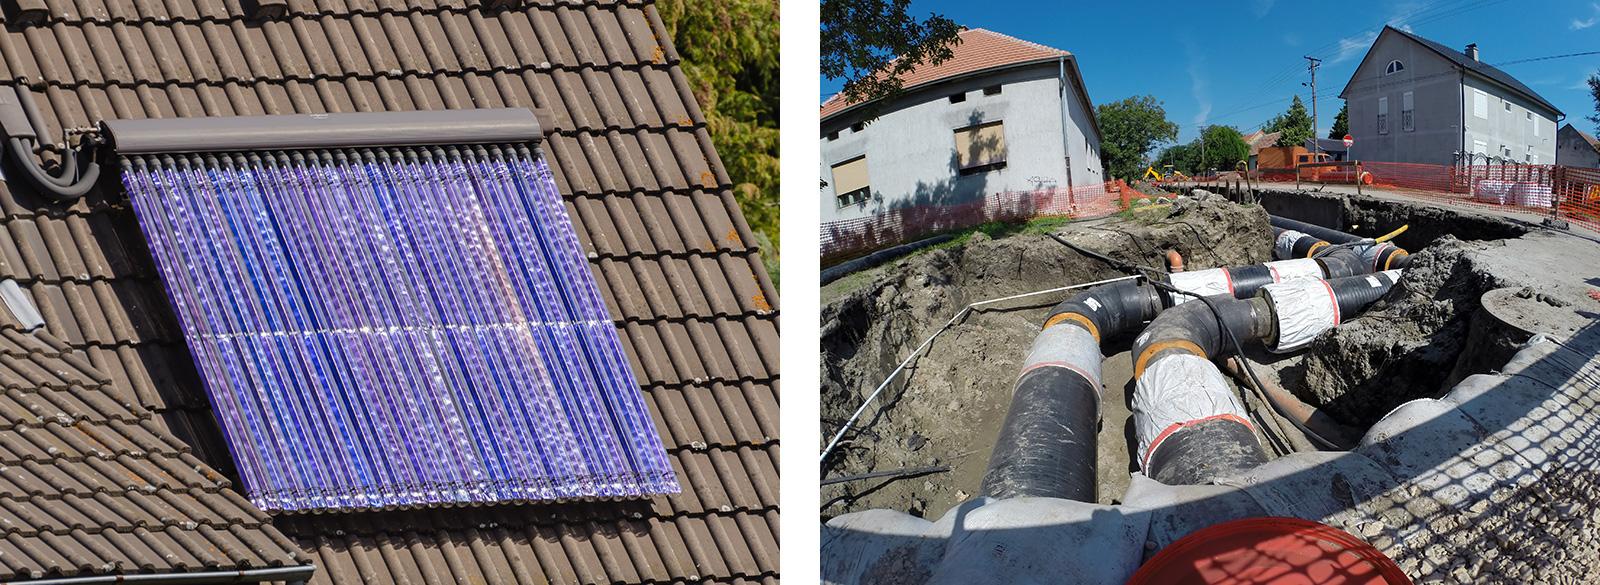 Nachhaltig heizen mit Solarthermie (links) oder Fernwärme (rechts)